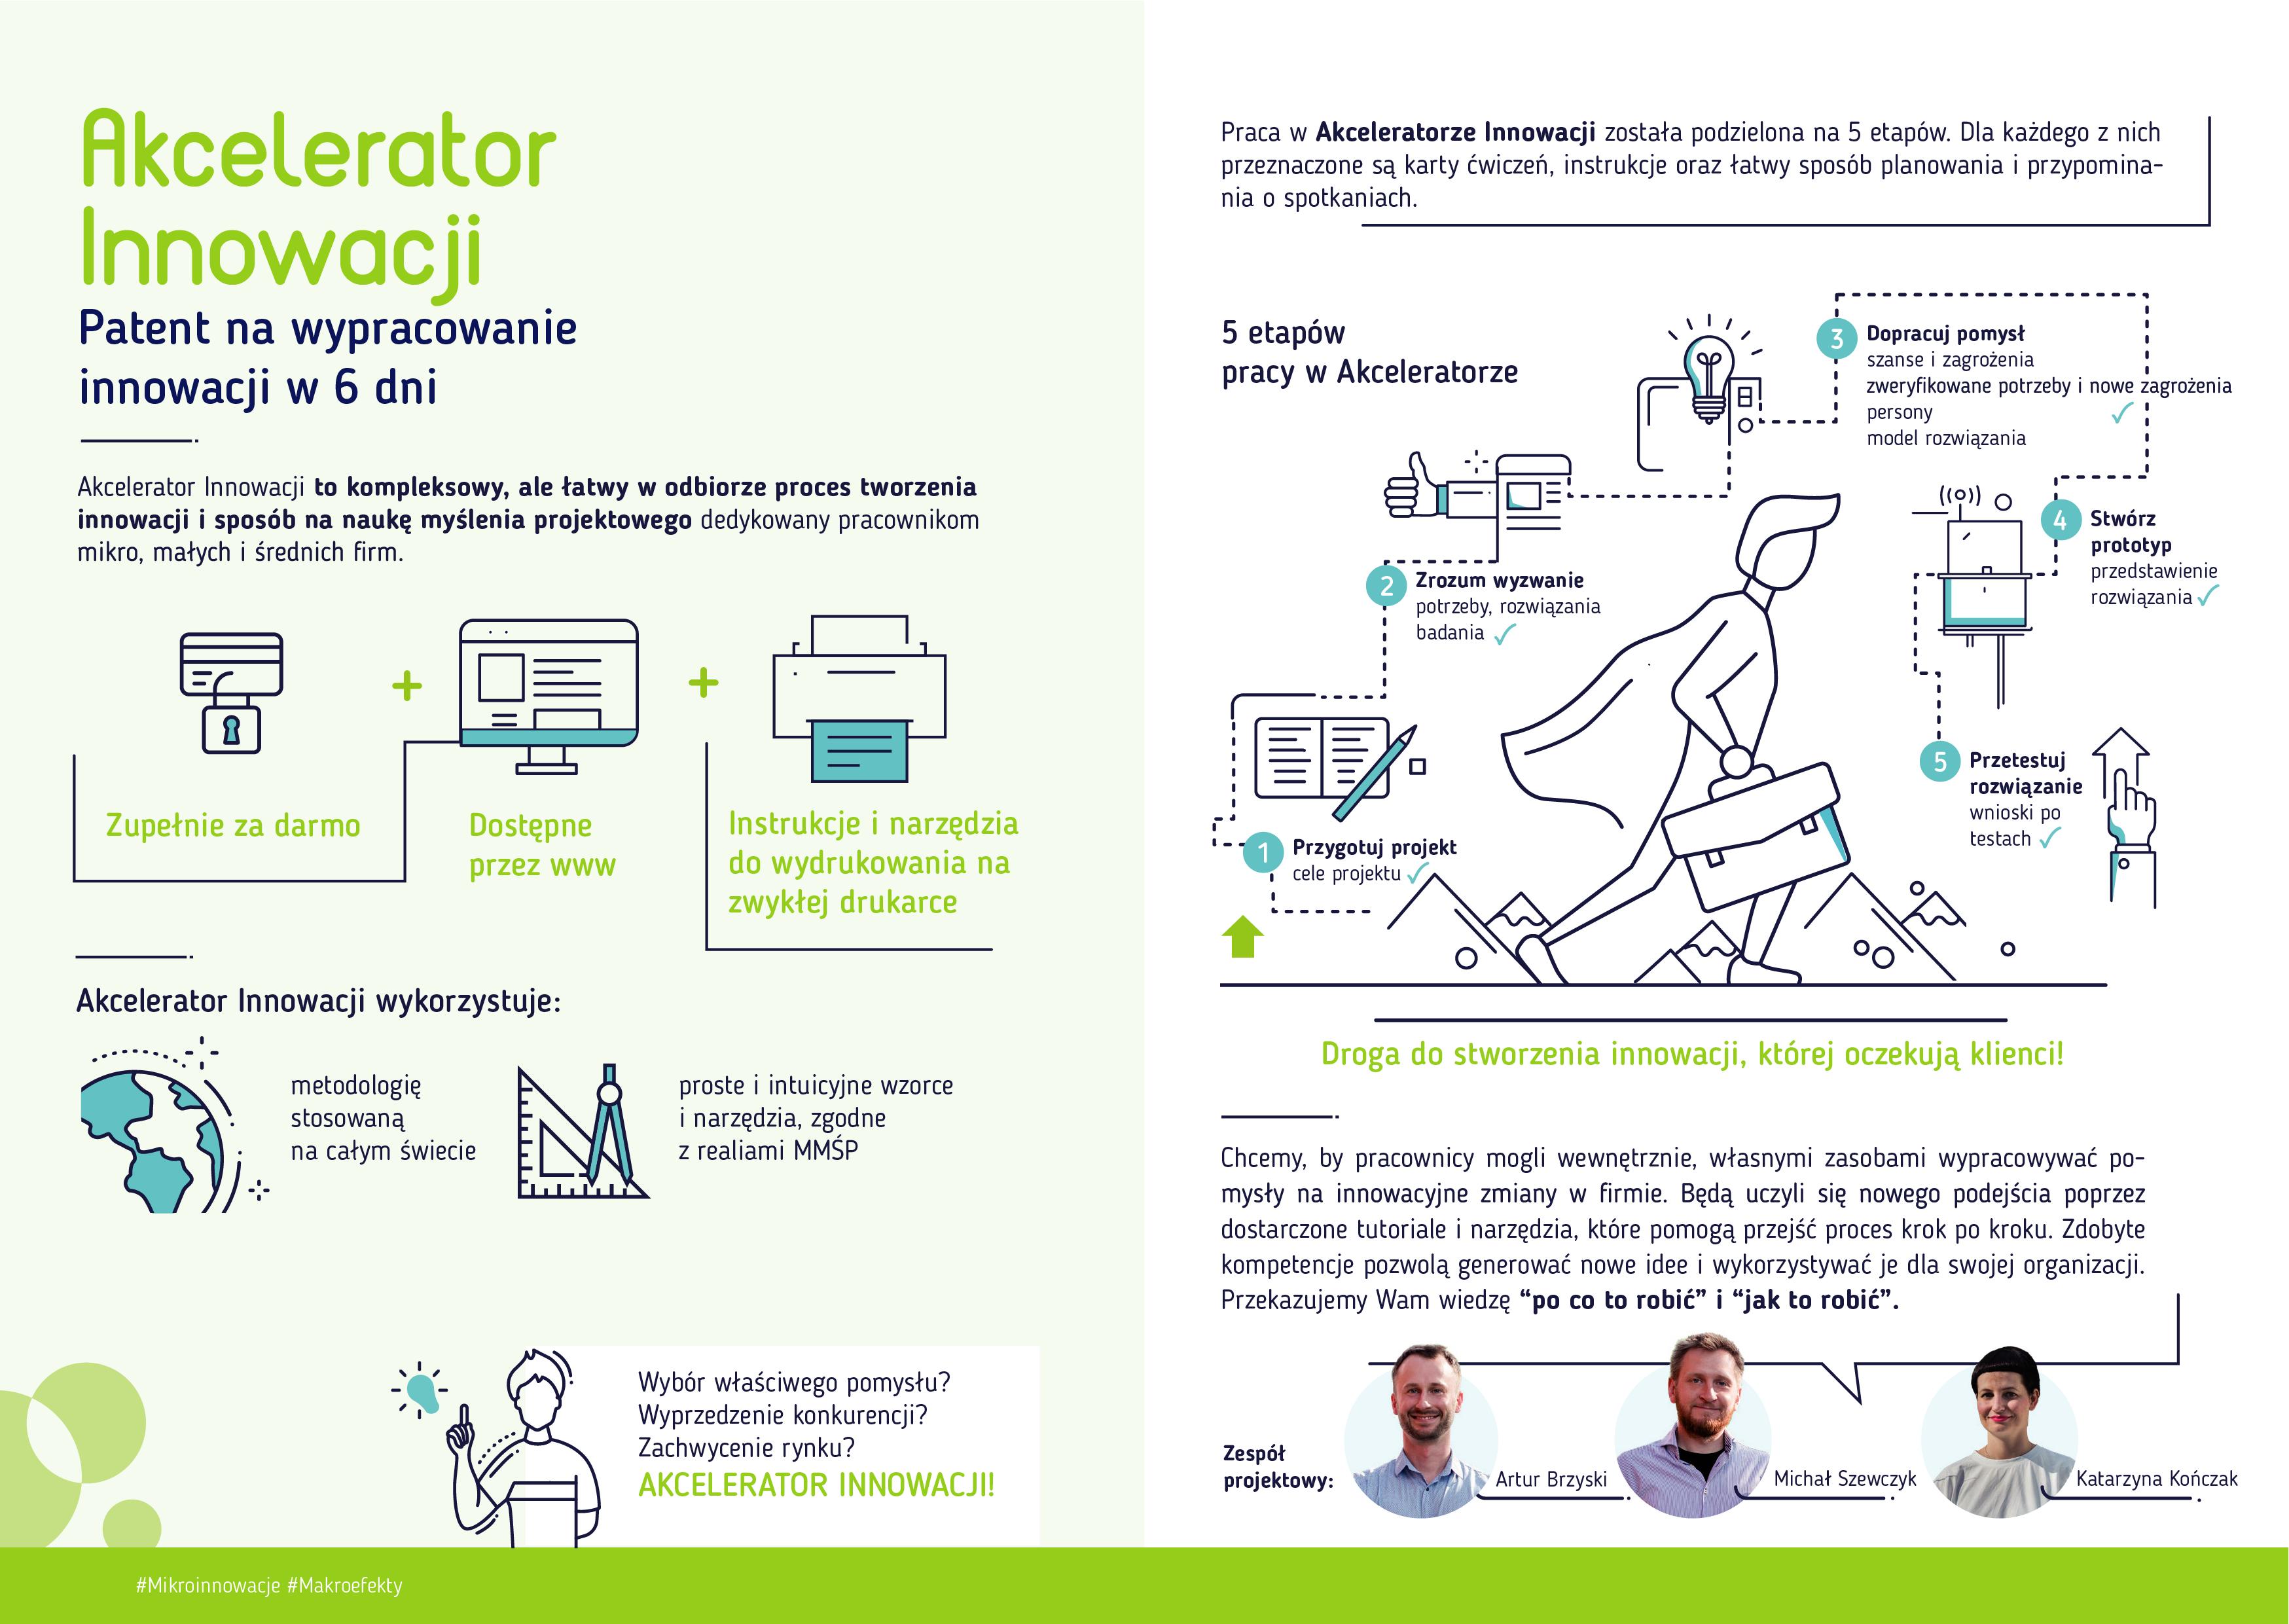 akcelerator innowacji